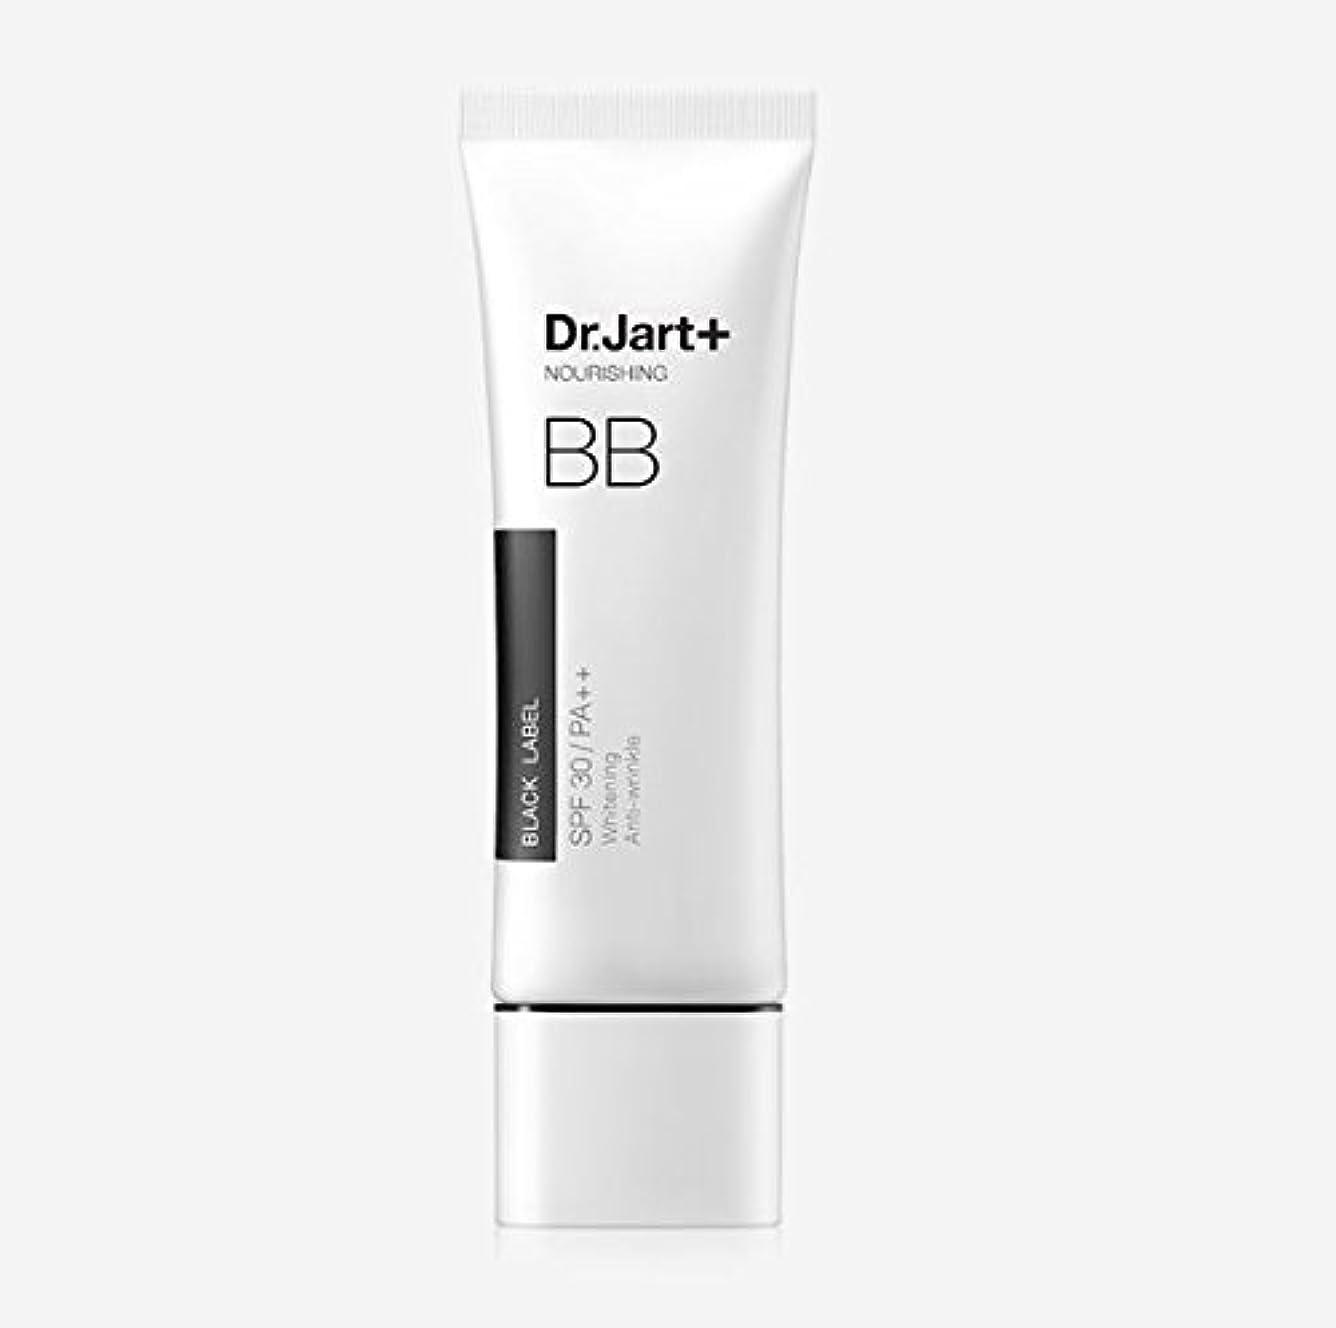 ガロングリット平和的[Dr. Jart] Black Label BB Nourishing Beauty Balm 50ml SPF30 PA++/[ドクタージャルト] ブラックラベル BB ナリーシン ビューティー バーム 50ml SPF30 PA++ [並行輸入品]